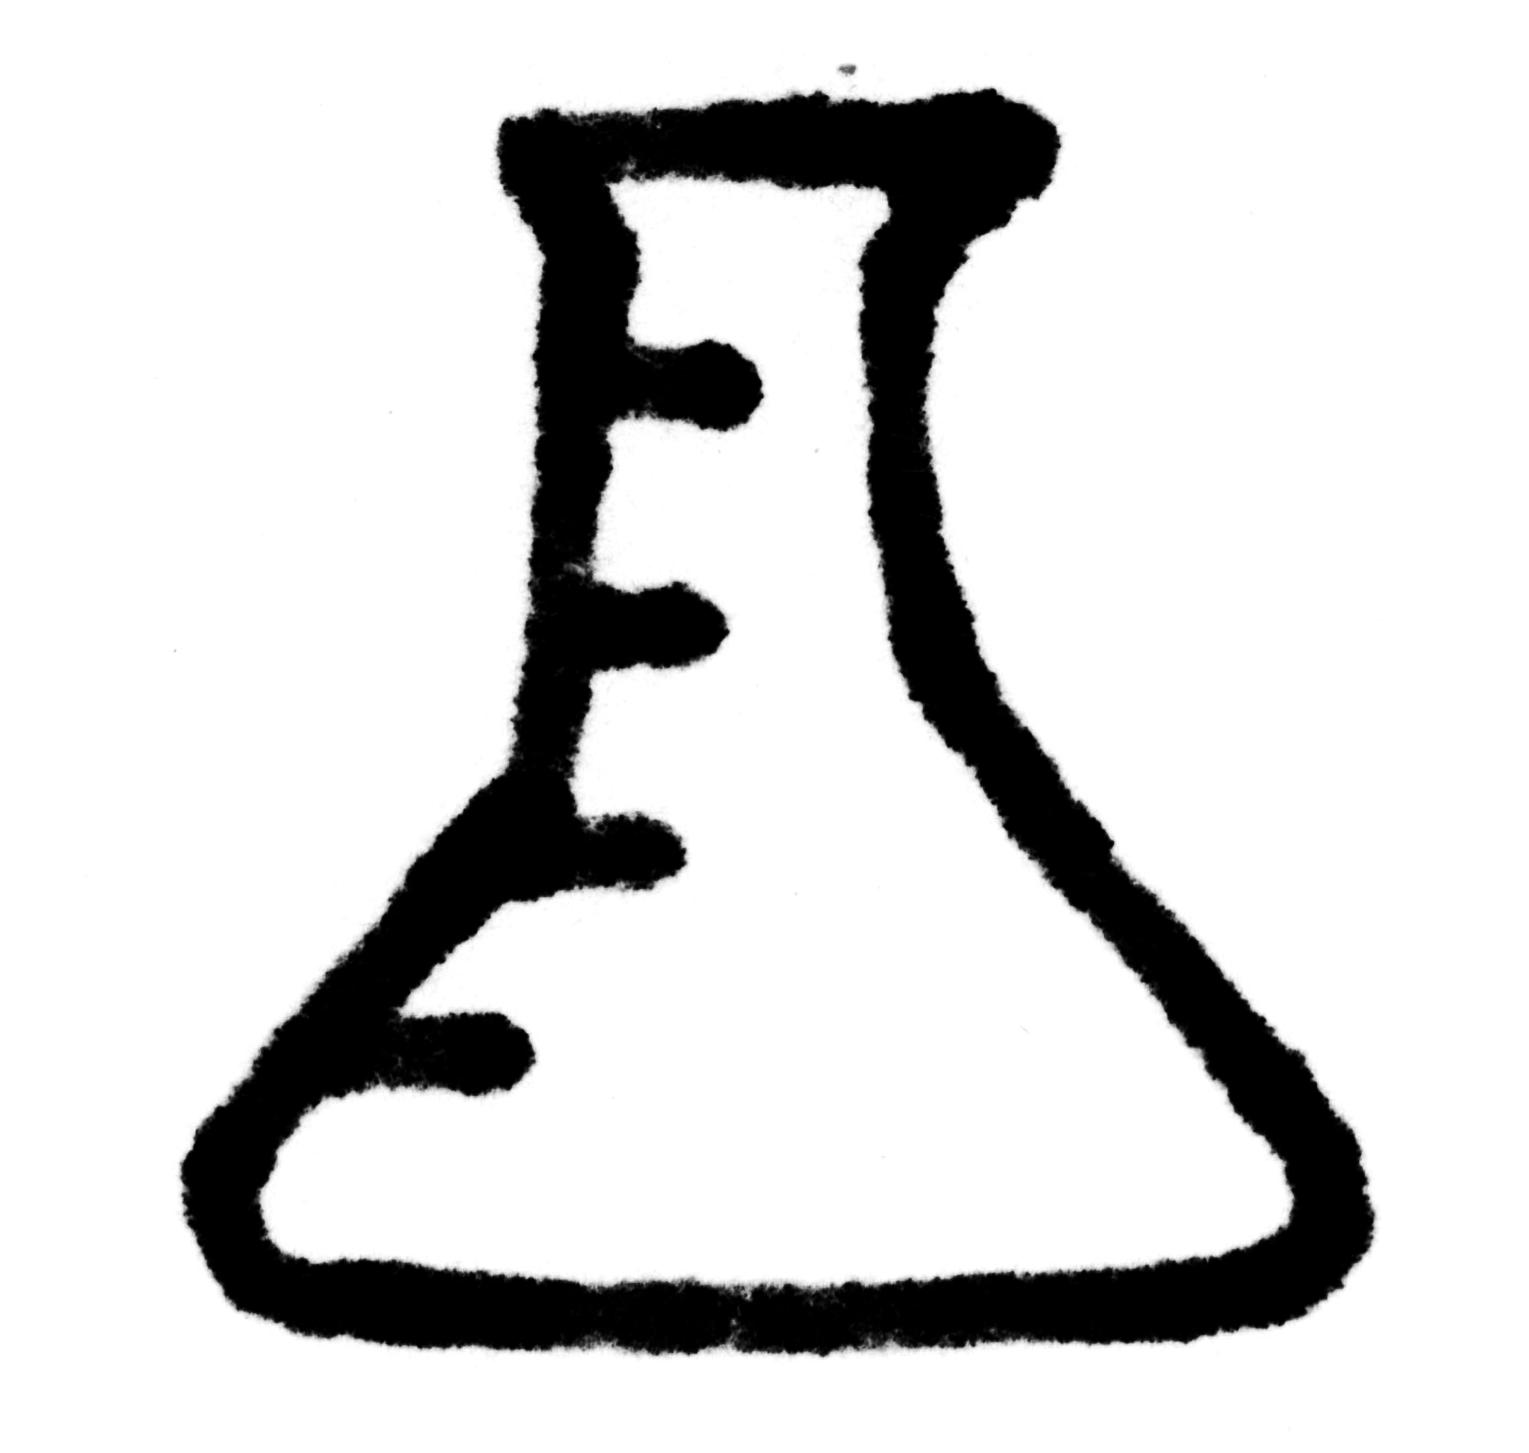 beaker illustration